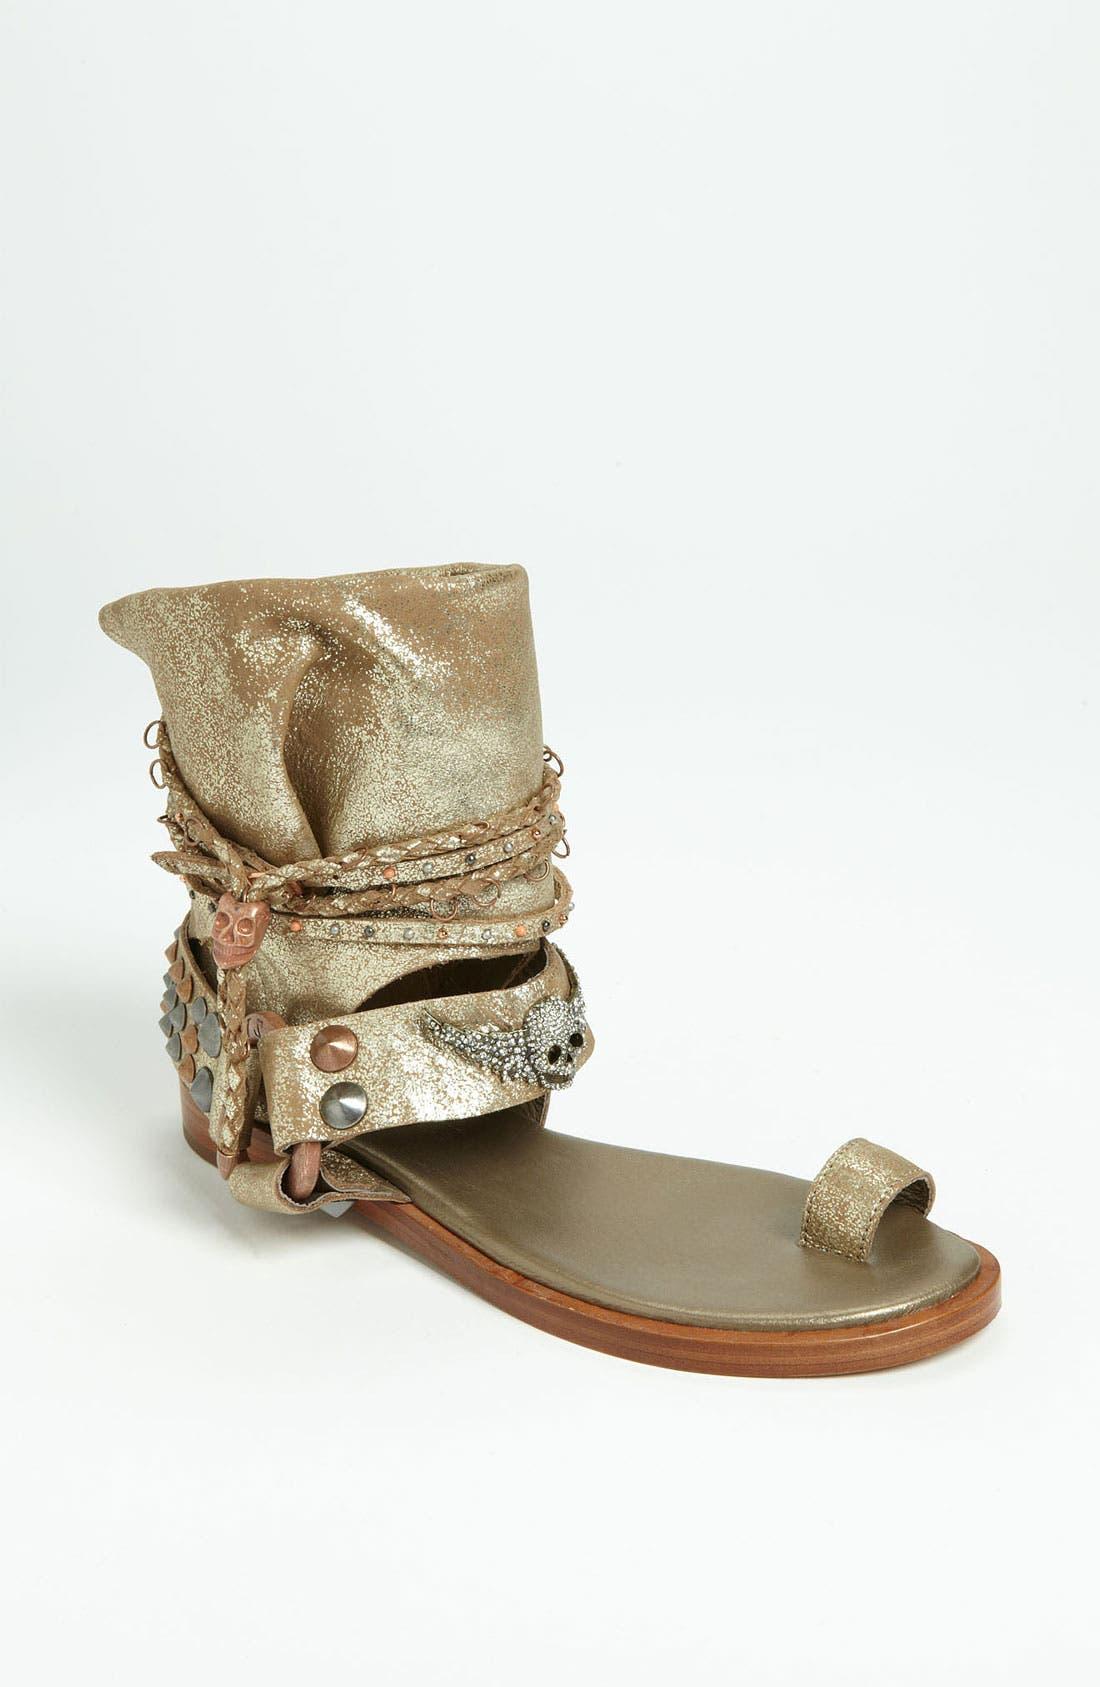 Main Image - Zadig & Voltaire 'Paige' Sandal